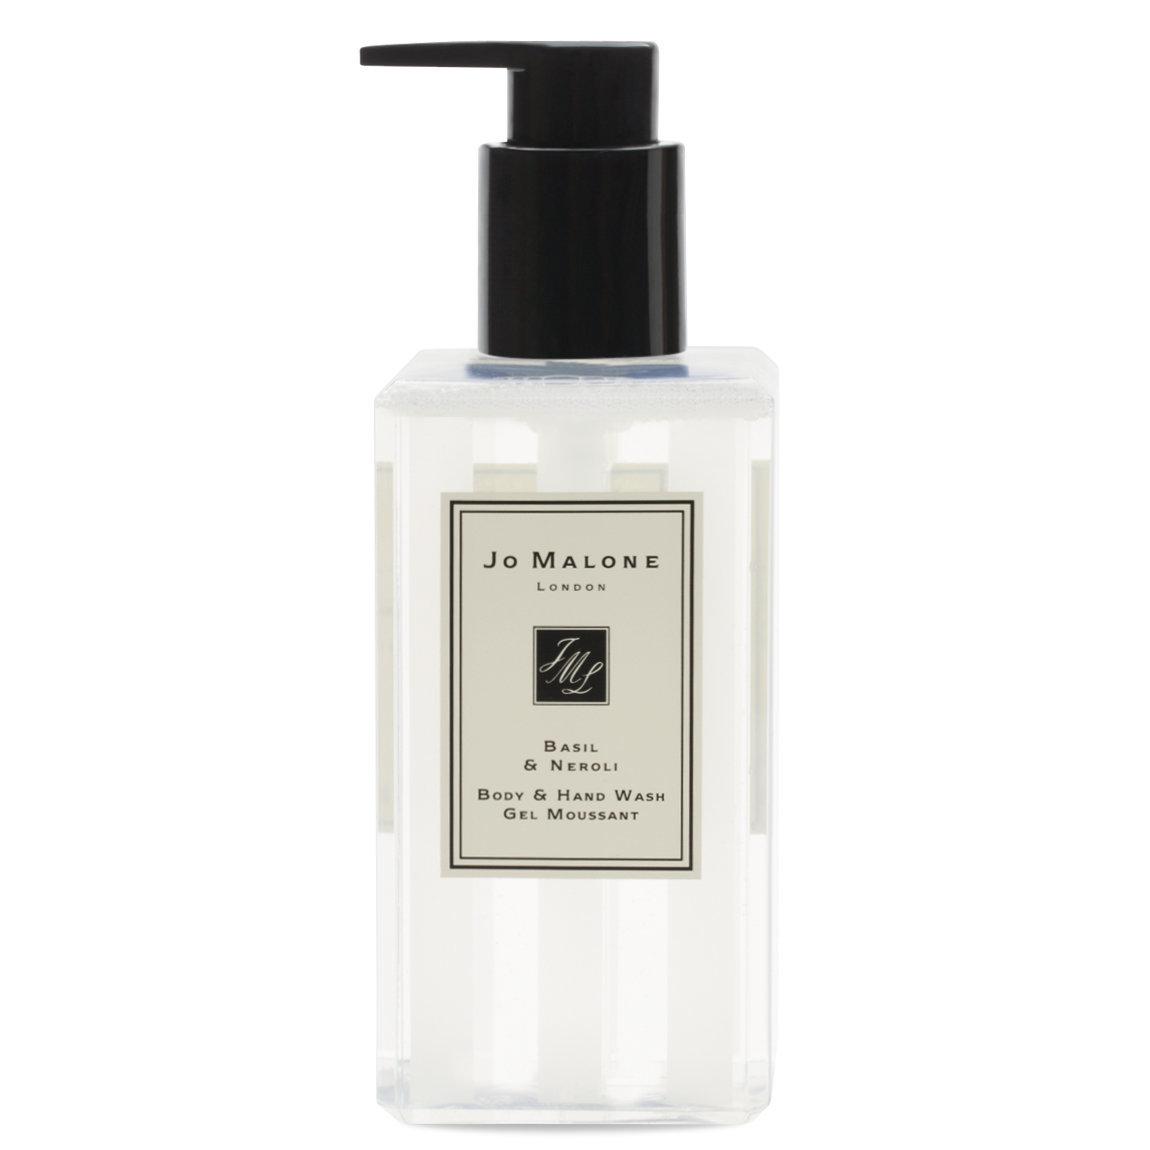 Jo Malone London Basil & Neroli Body & Hand Wash product swatch.